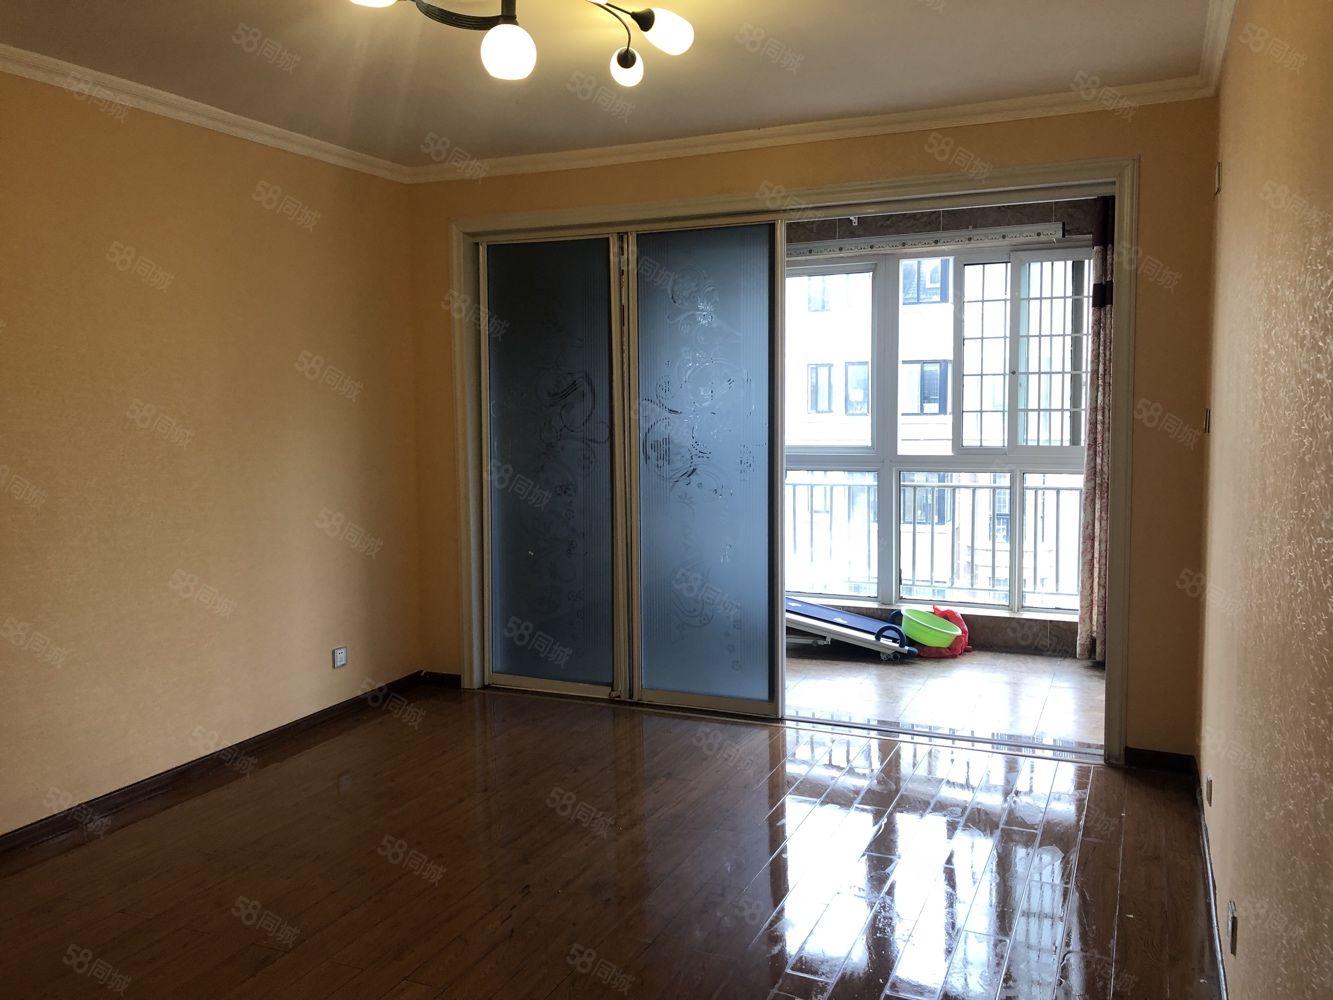 香格里拉多层五楼三室两厅两卫送储藏室79户